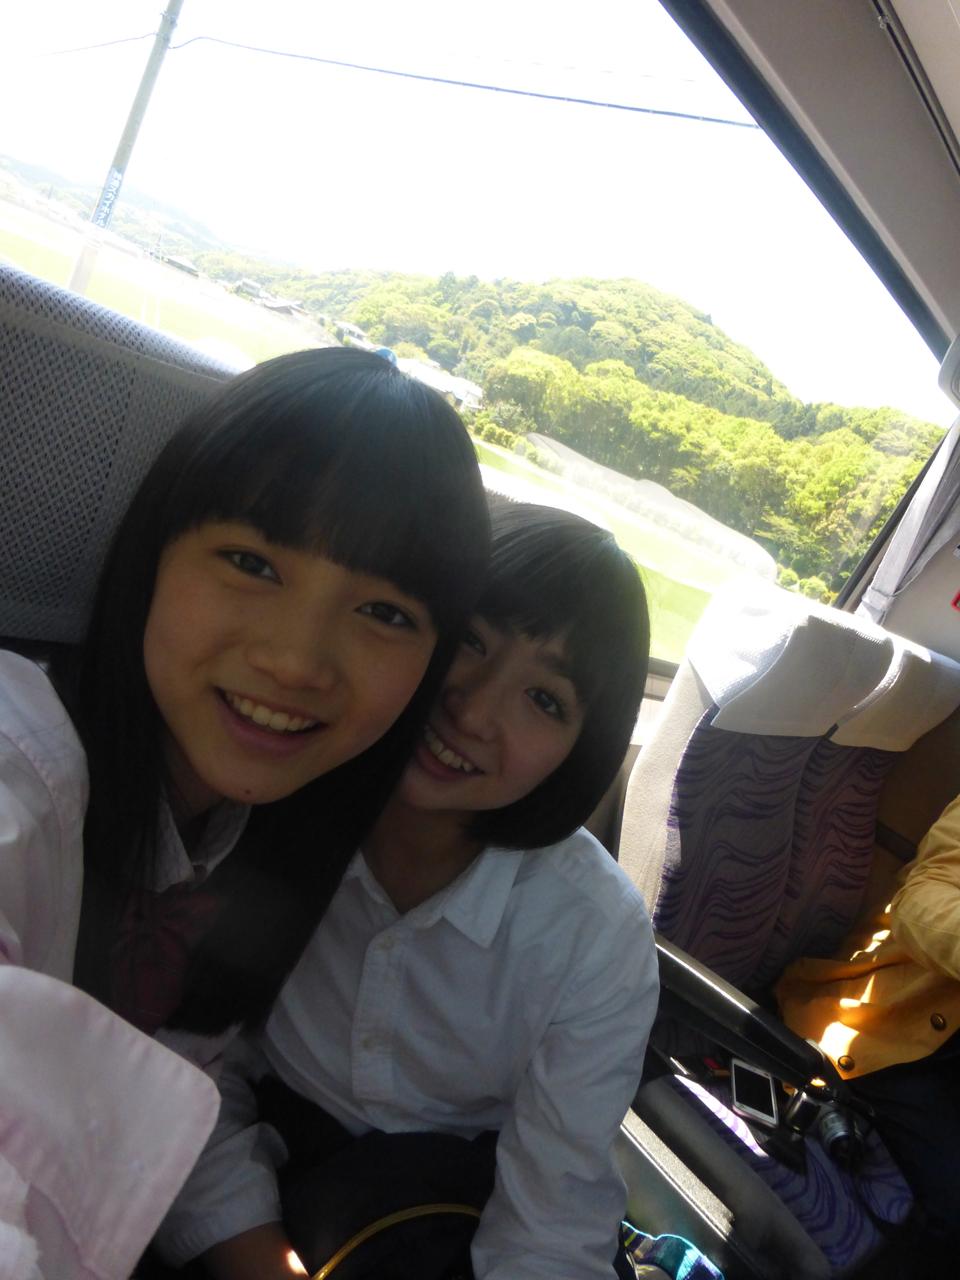 移動のバス、今回の席順は最後尾に西垣・春乃。(有彩/きいな)